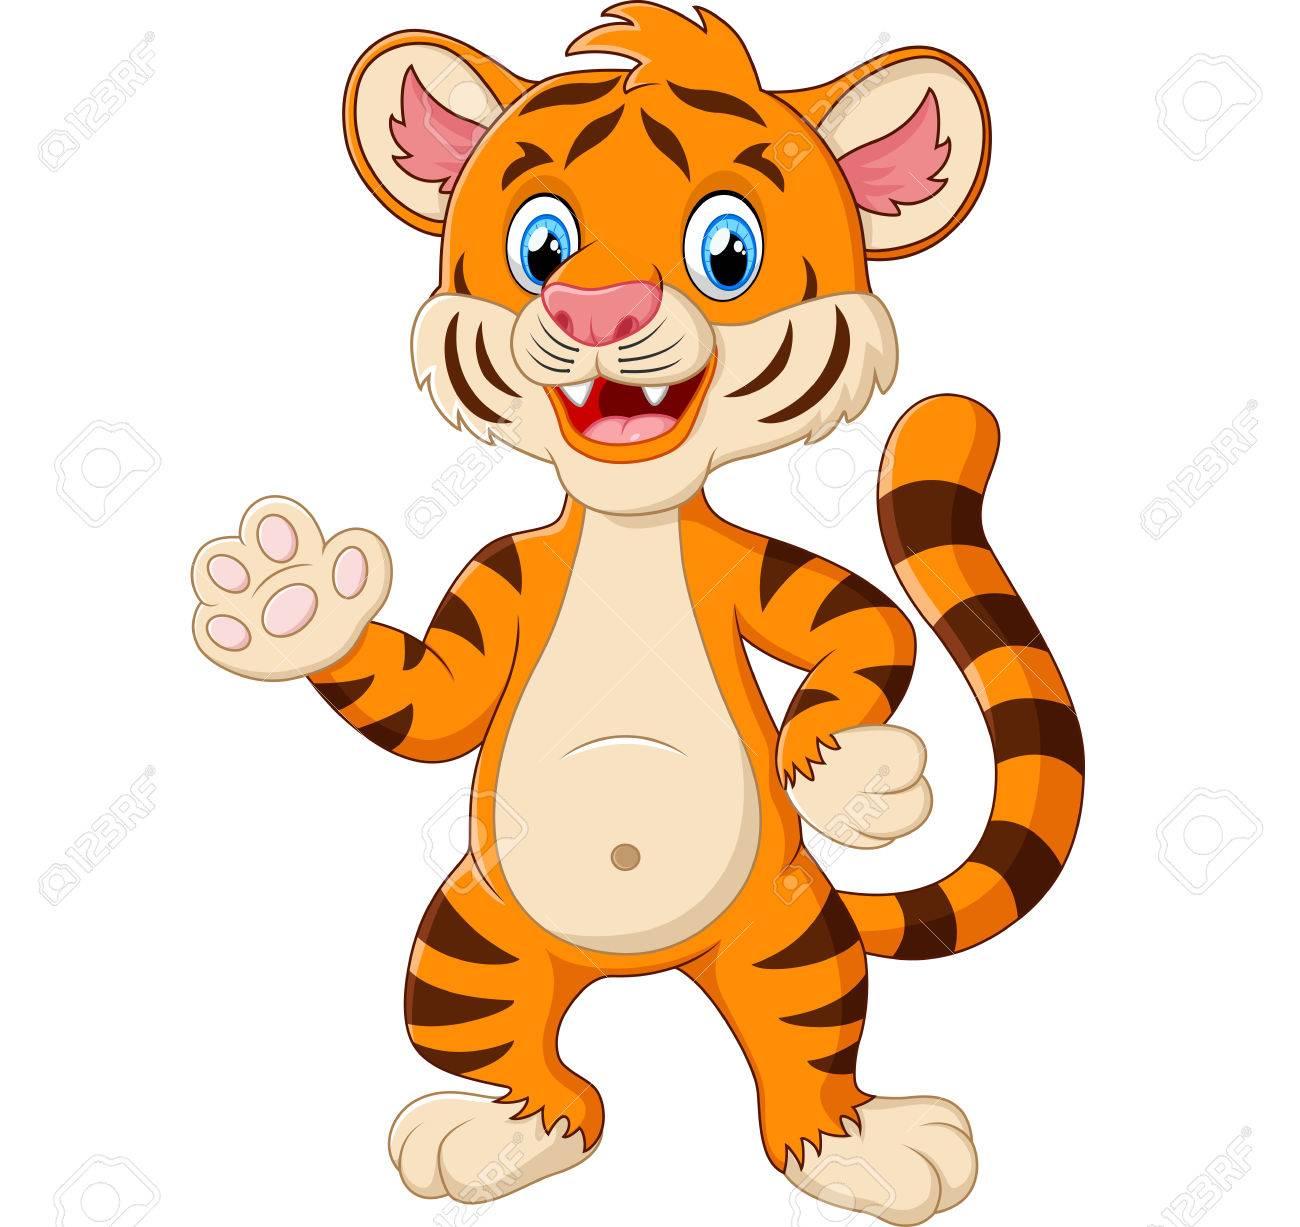 Happy tiger waving a hand.